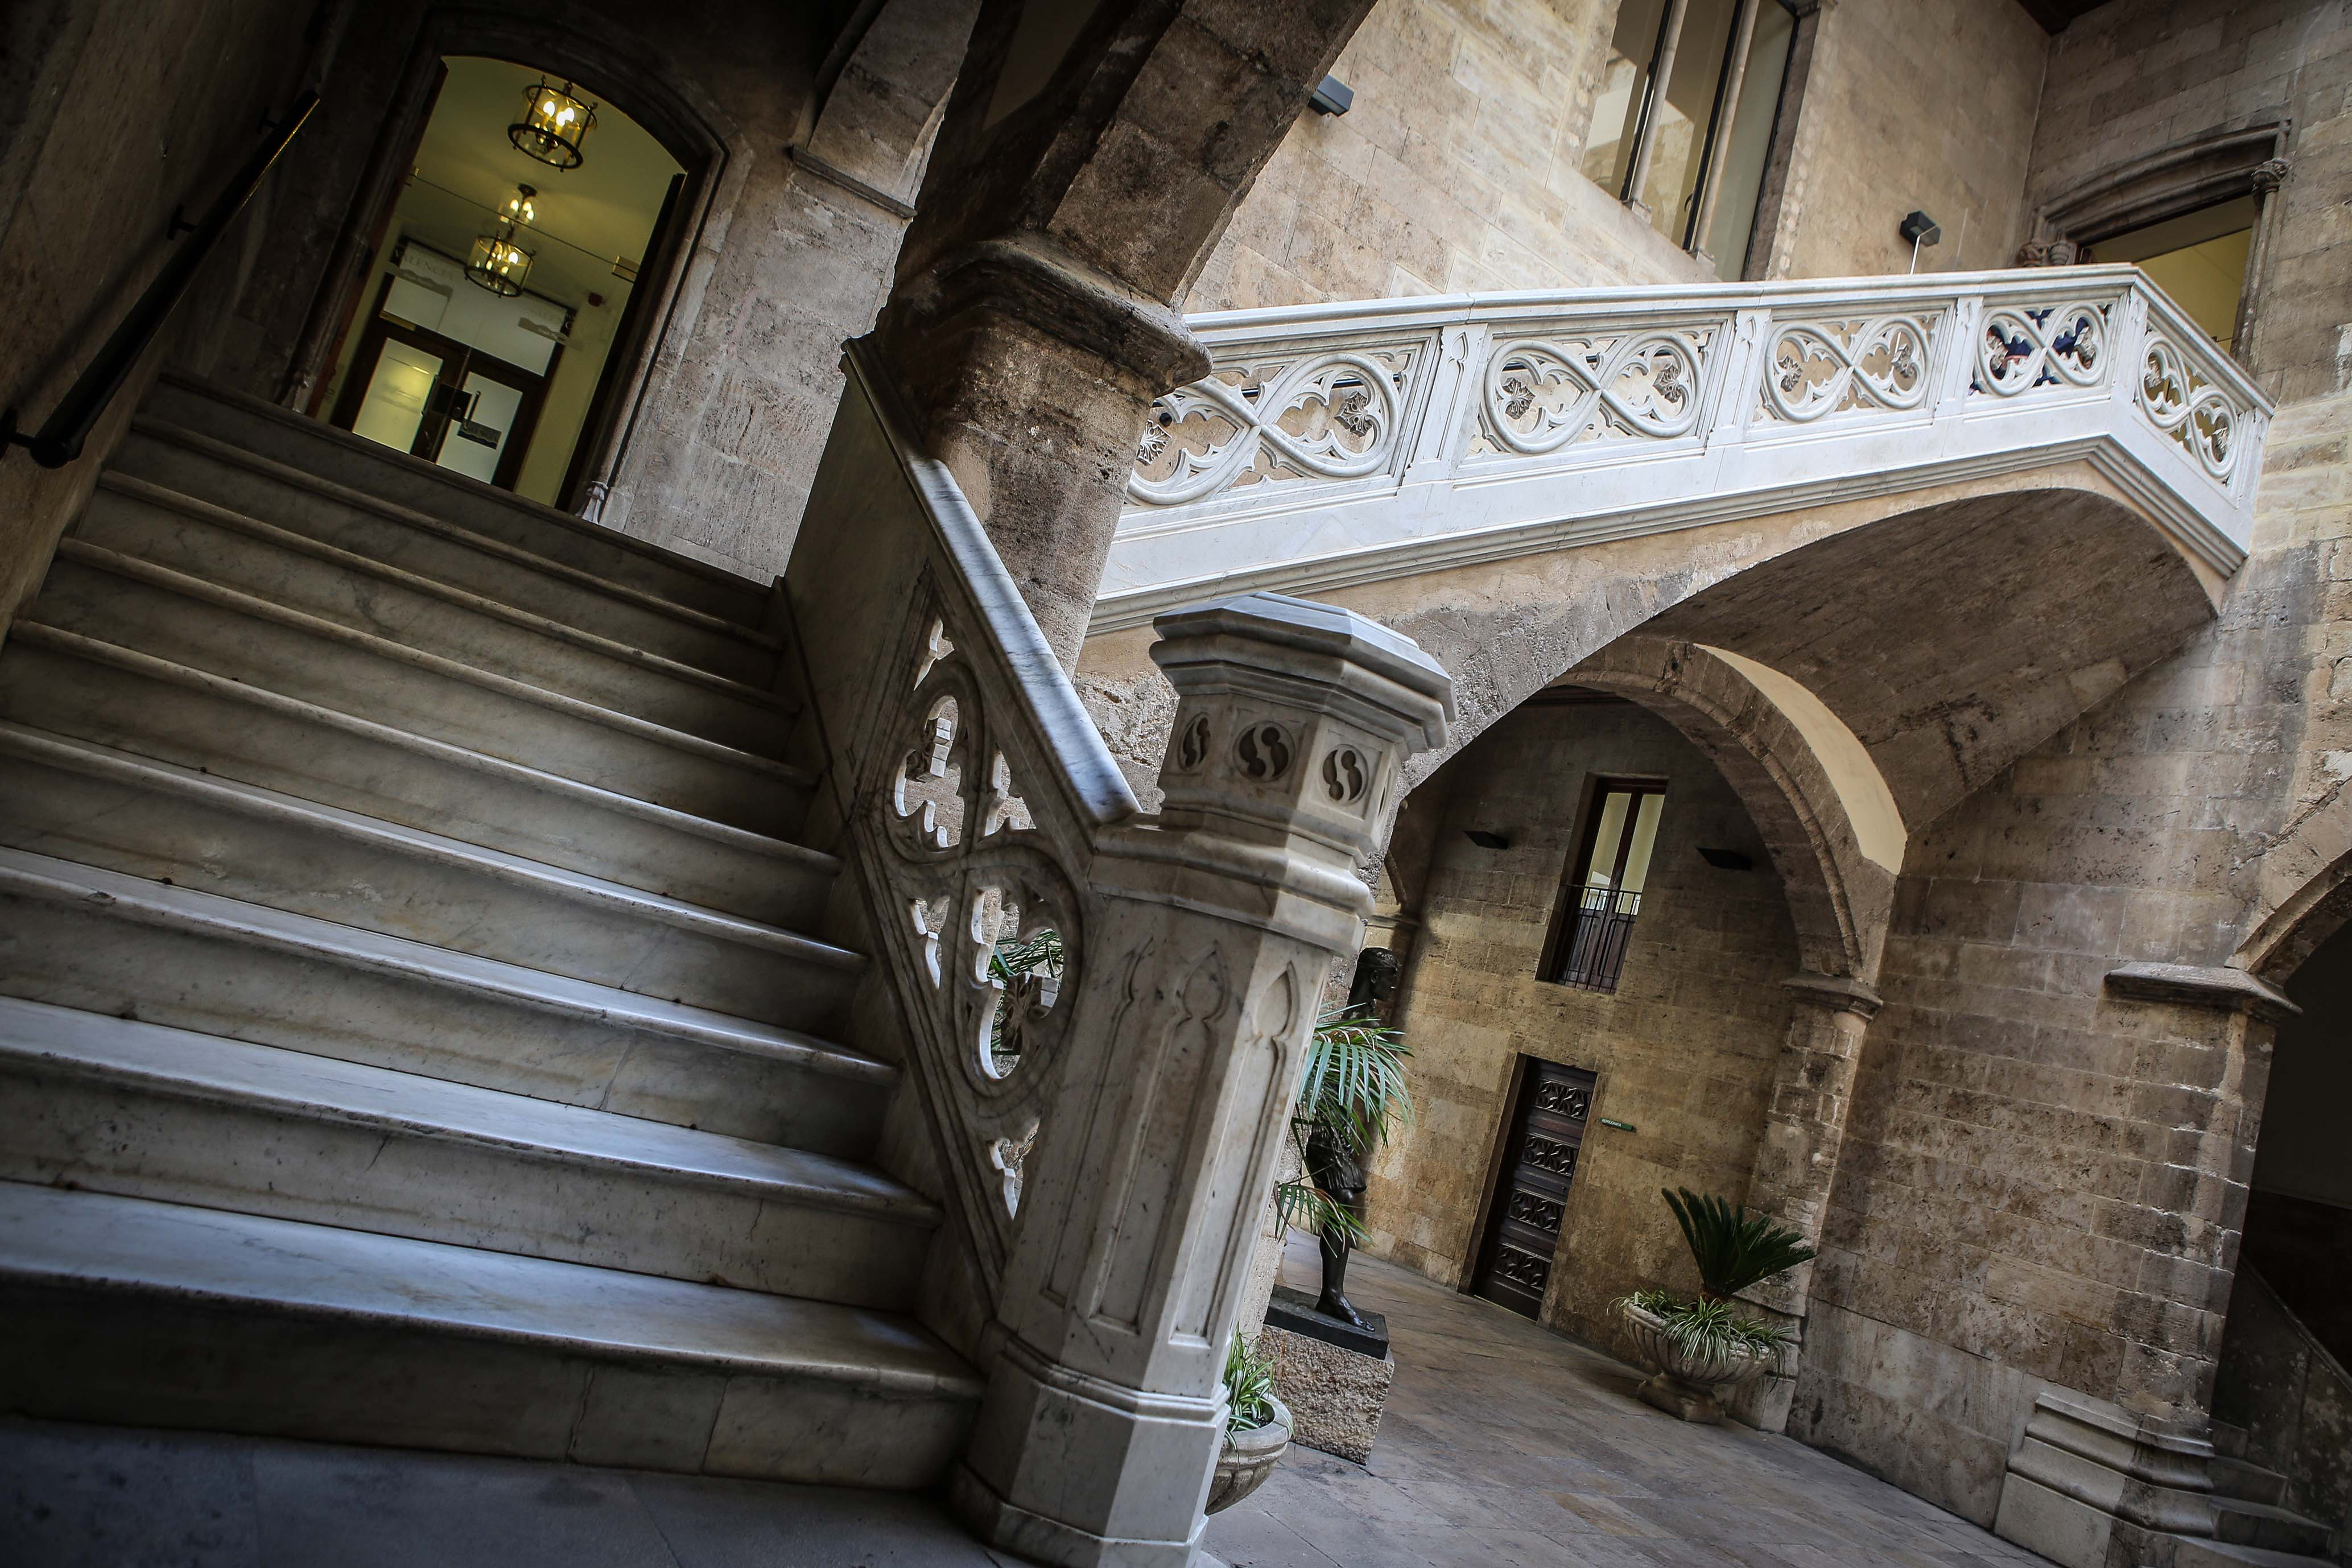 La Diputación ofrece visitas guiadas para mostrar los tesoros arquitectónicos de unos edificios construidos entre los siglos XV y XVII.